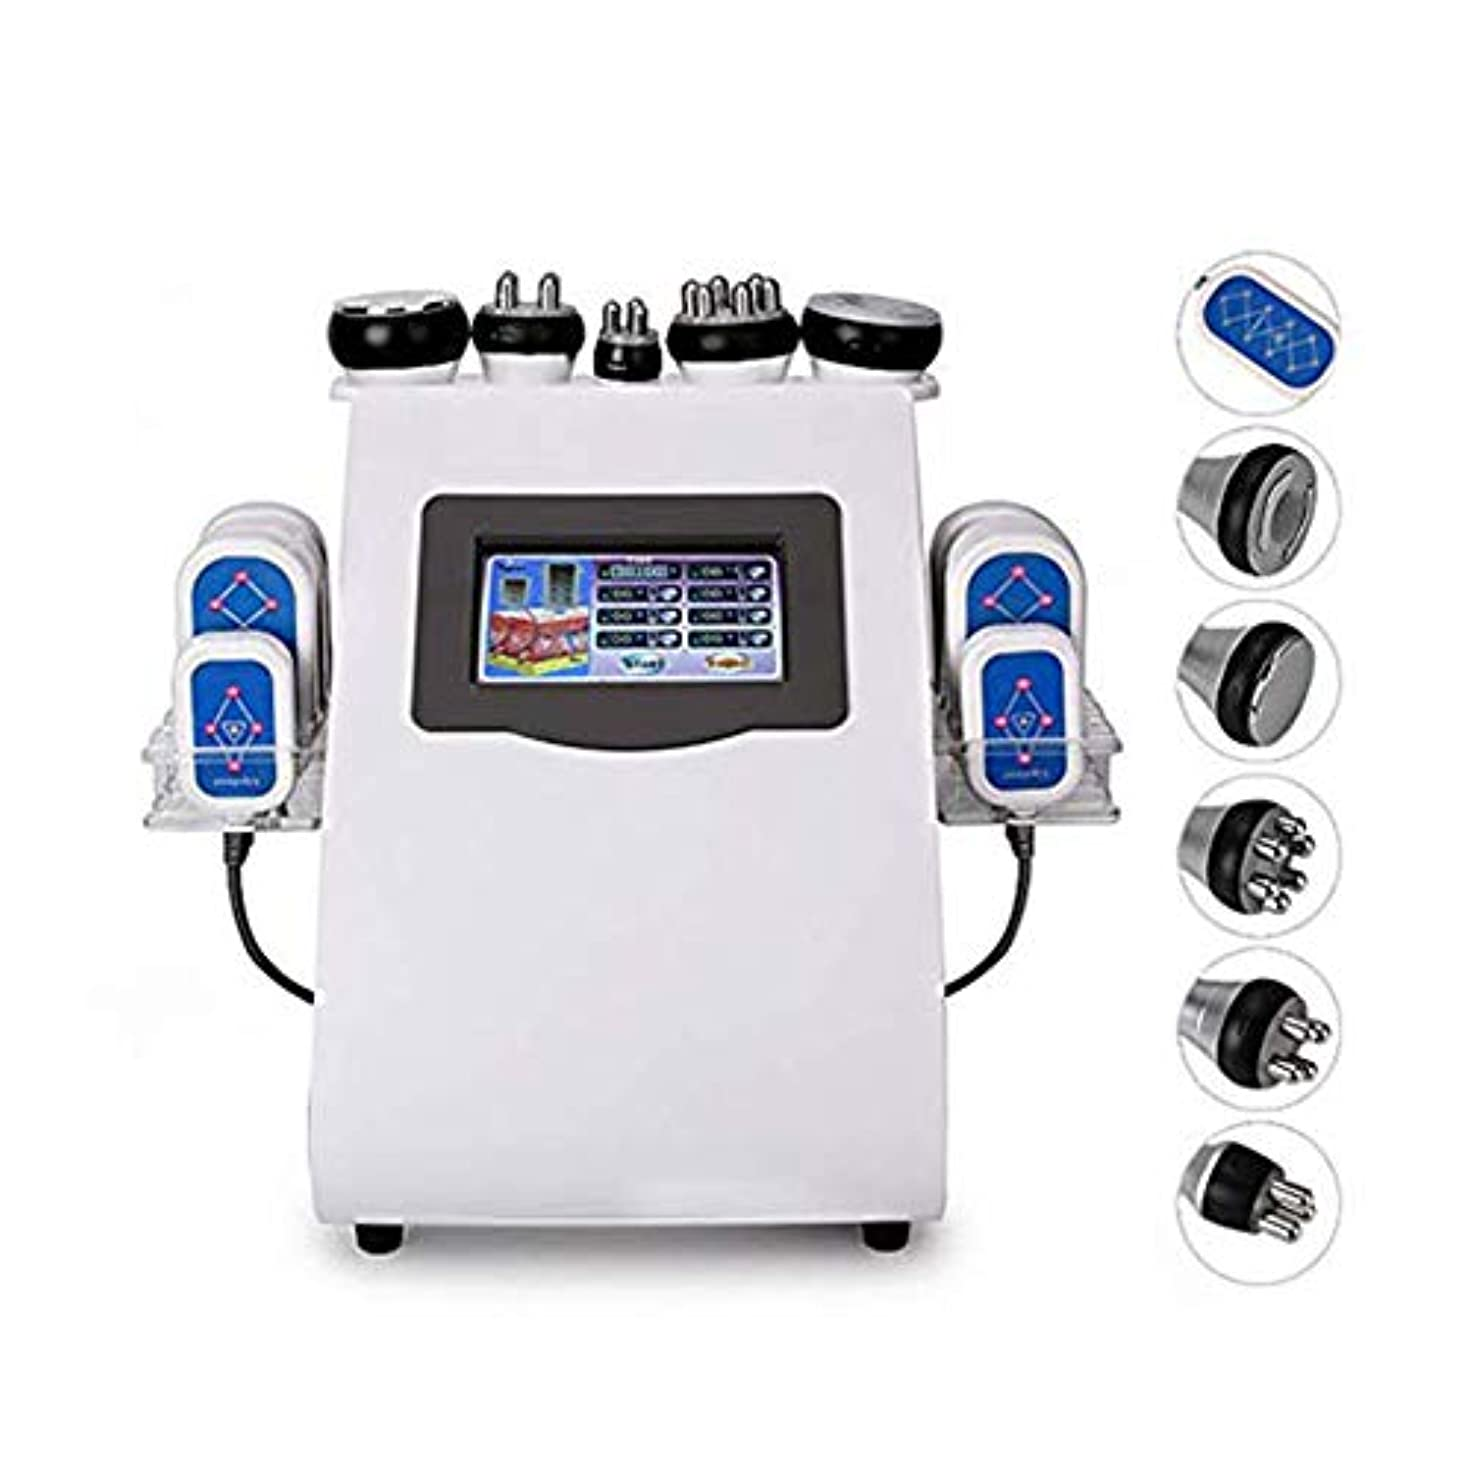 超音波キャビテーション抗セルライトネガティブボディ痩身マシン、脂肪燃焼と無線周波数アンチエイジングスキンリフティング引き締めしわ美容機器の除去